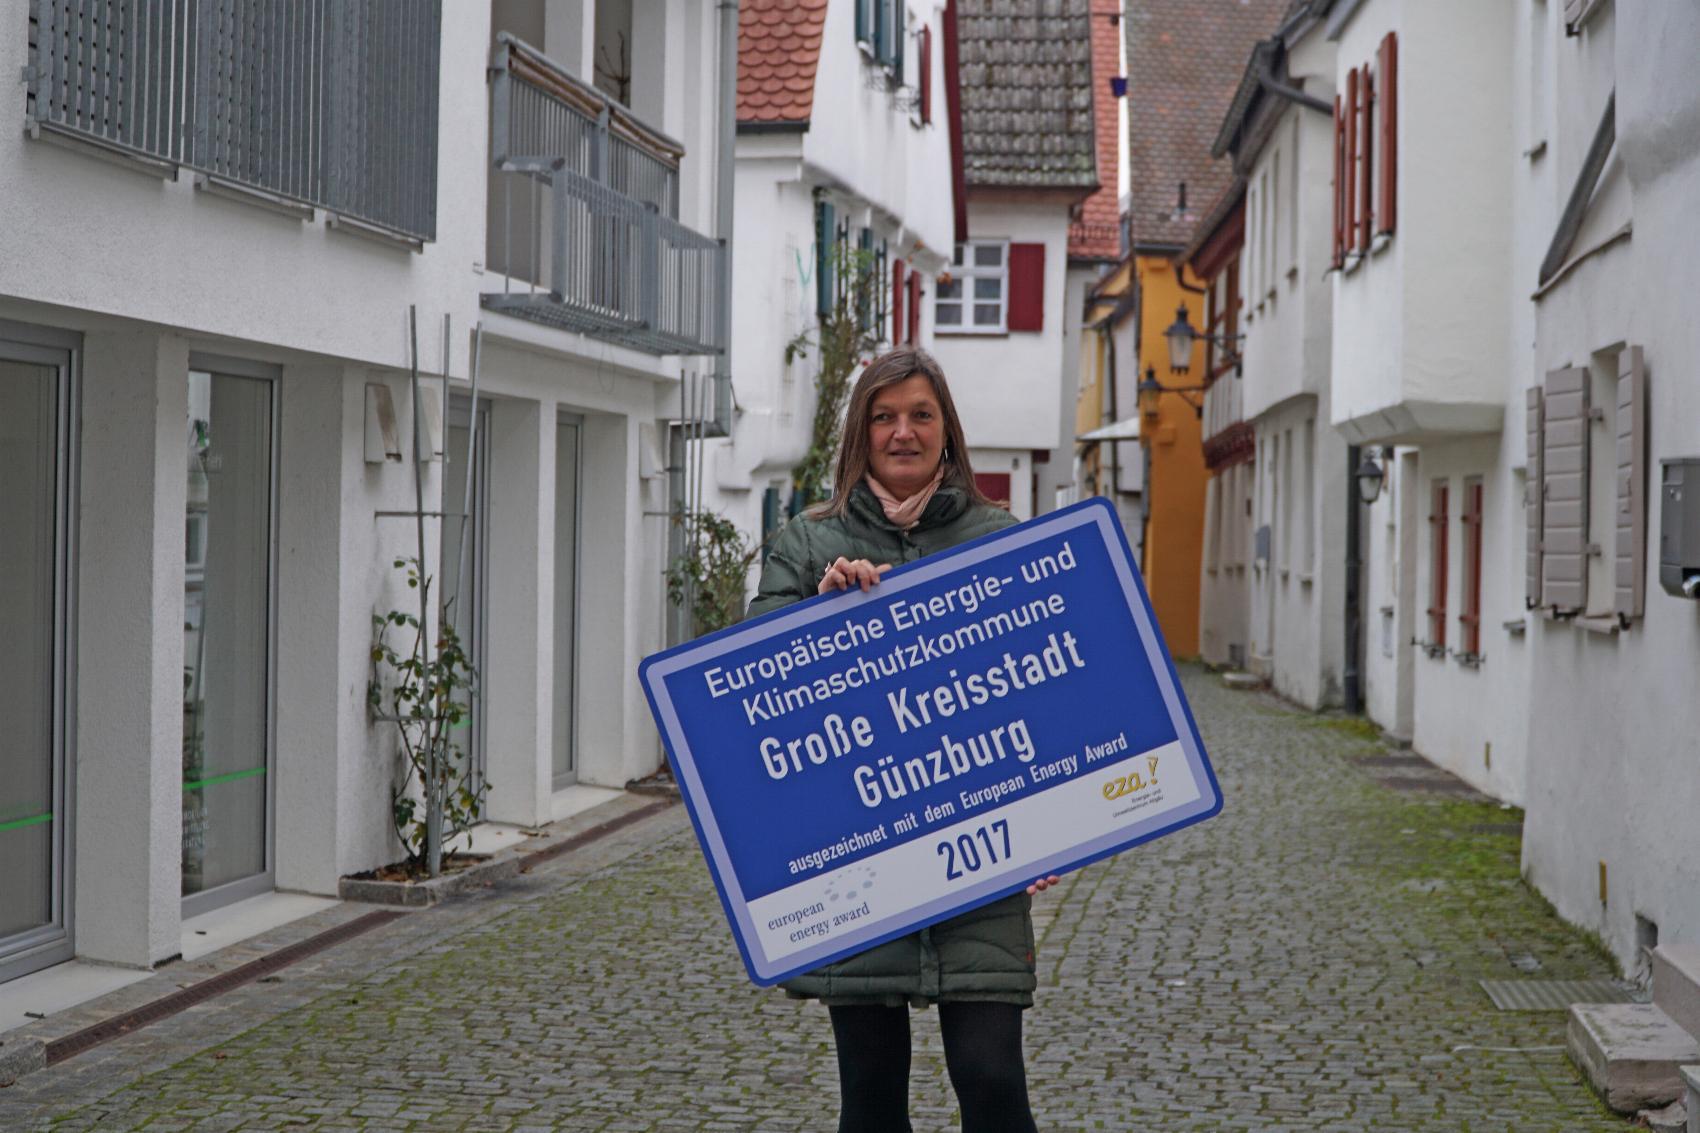 Guenzburg Teilnahme_EuropeanEnergyAward